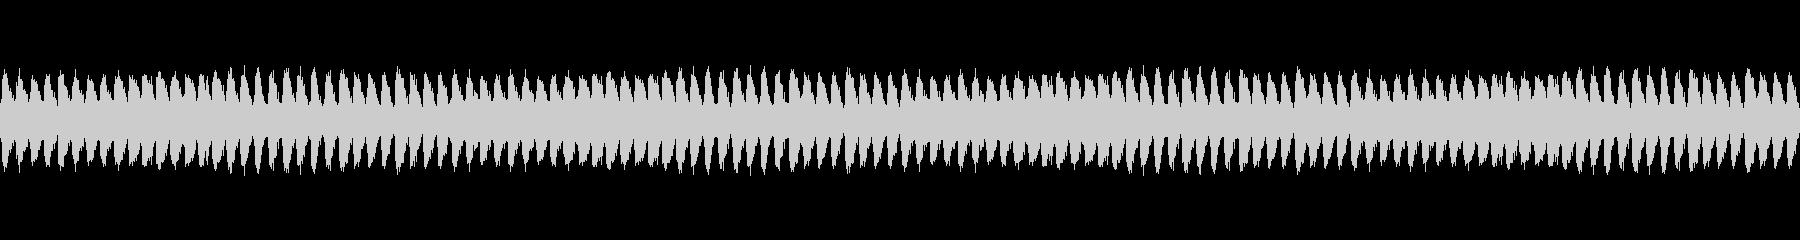 【緊迫したシーンチェロBGM】の未再生の波形